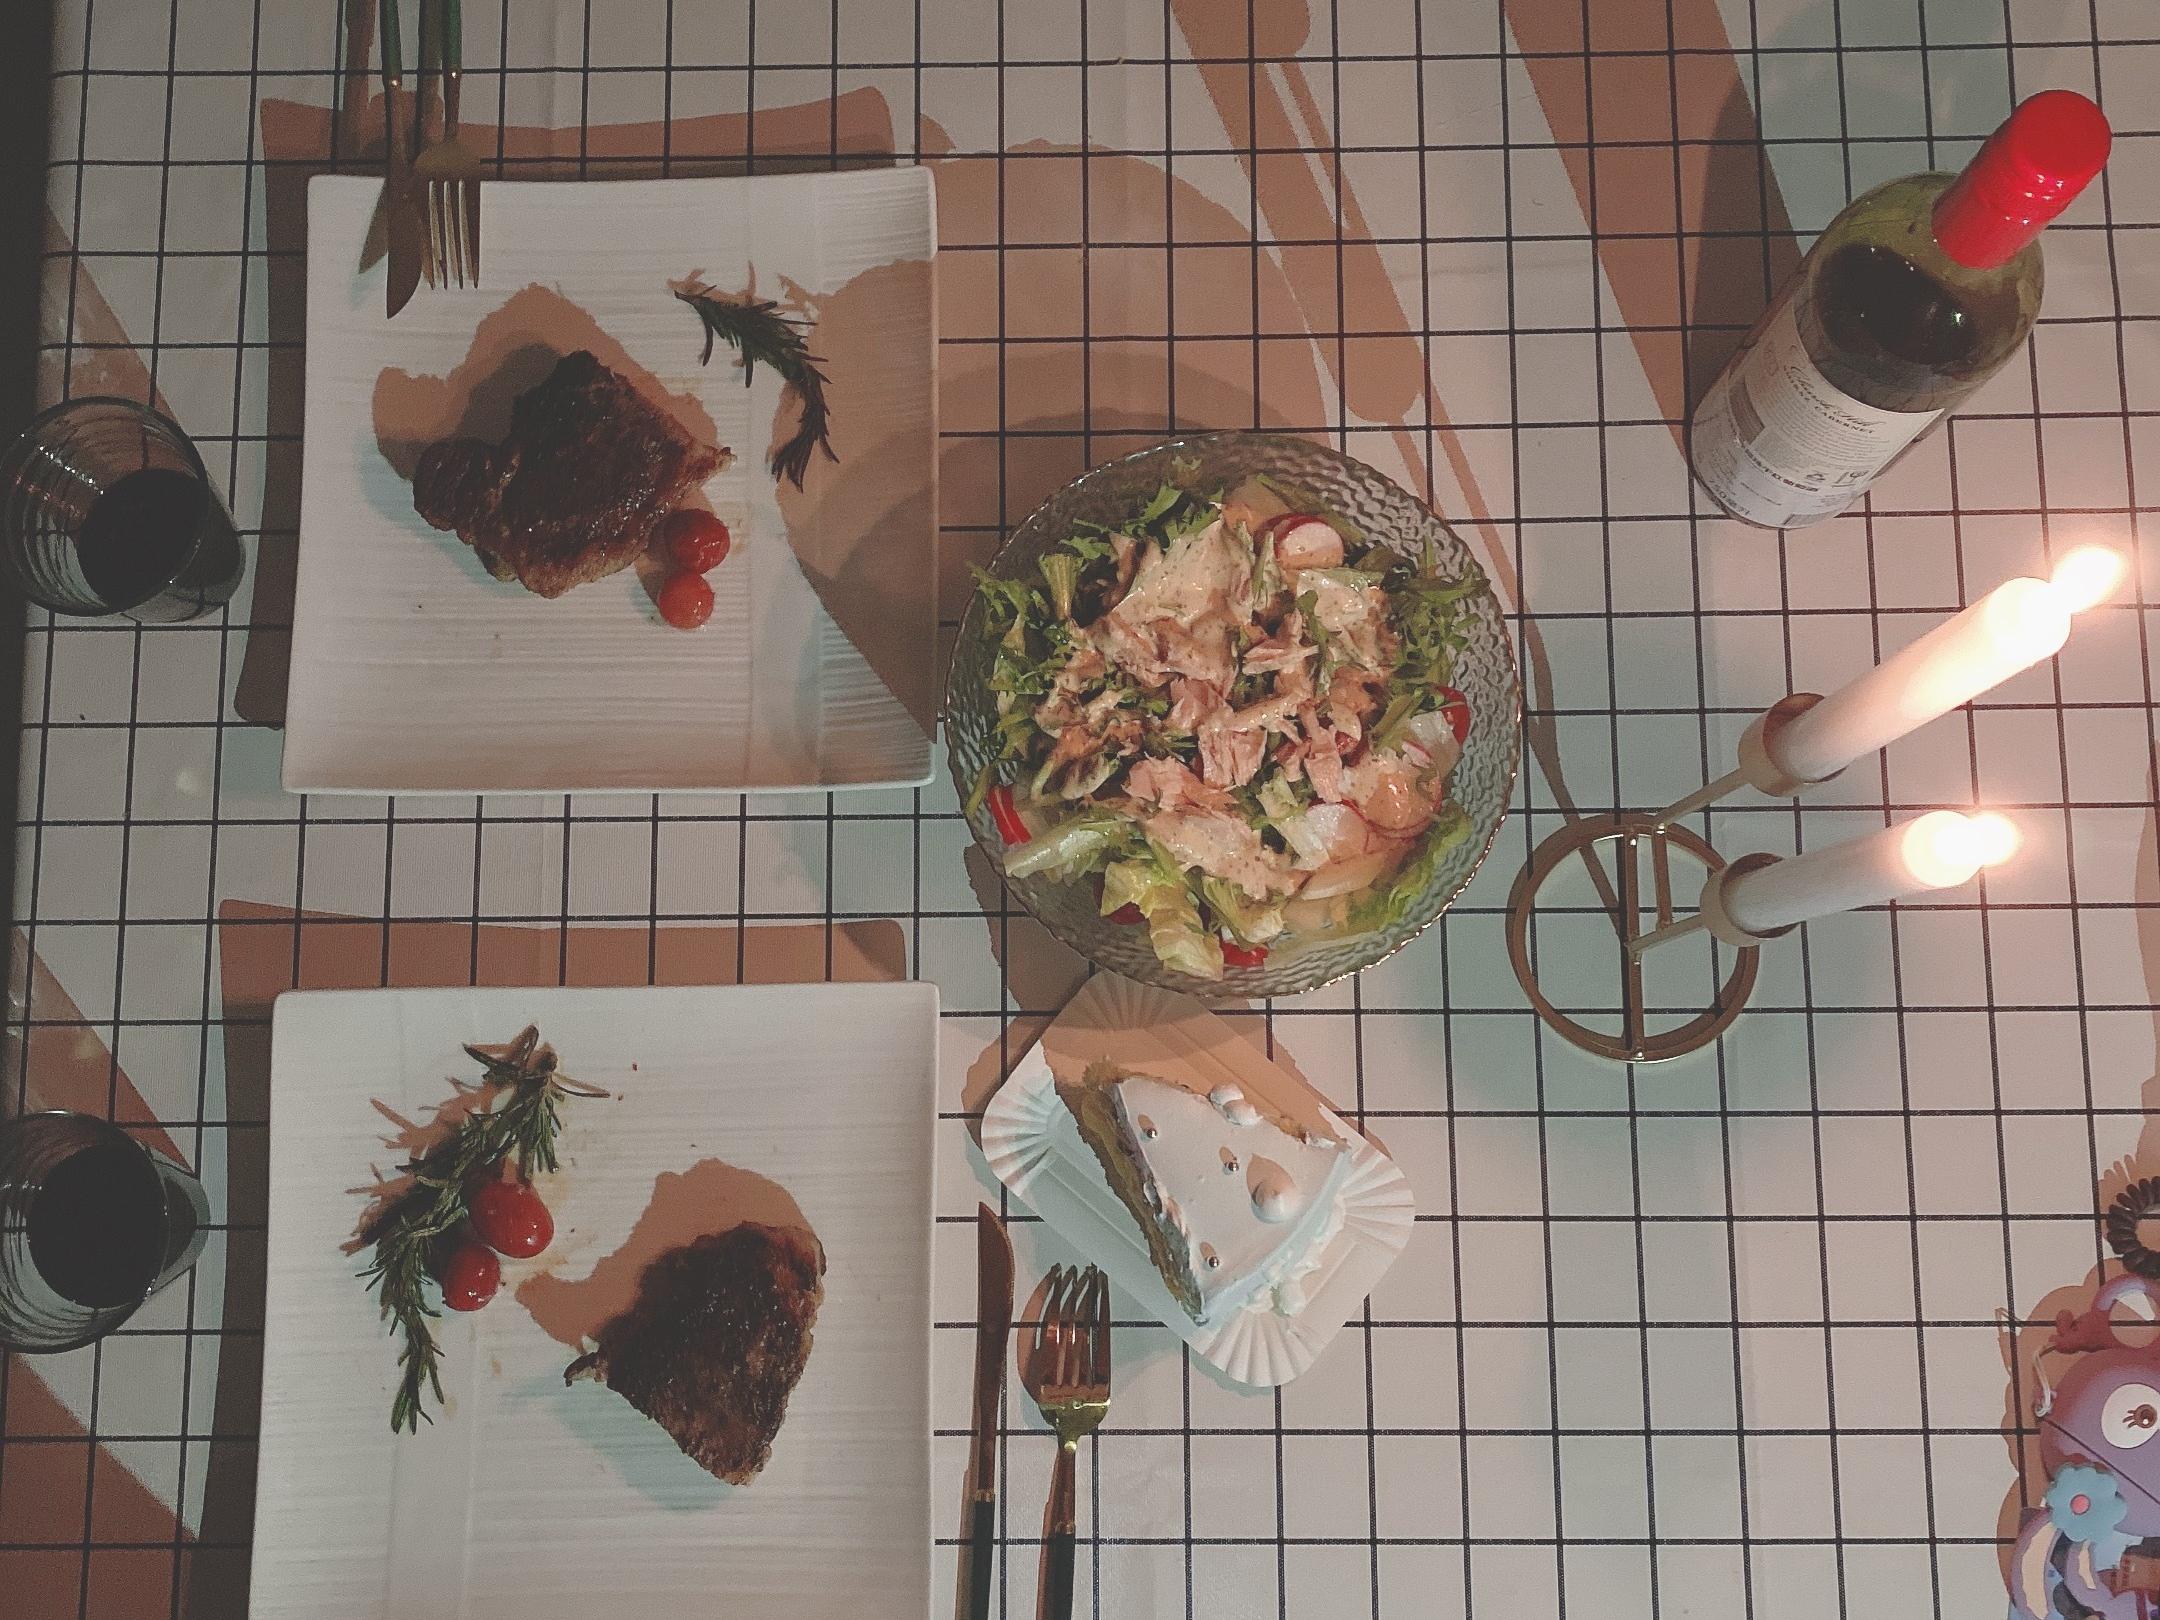 情侣周末约会,在家*西餐更浪漫